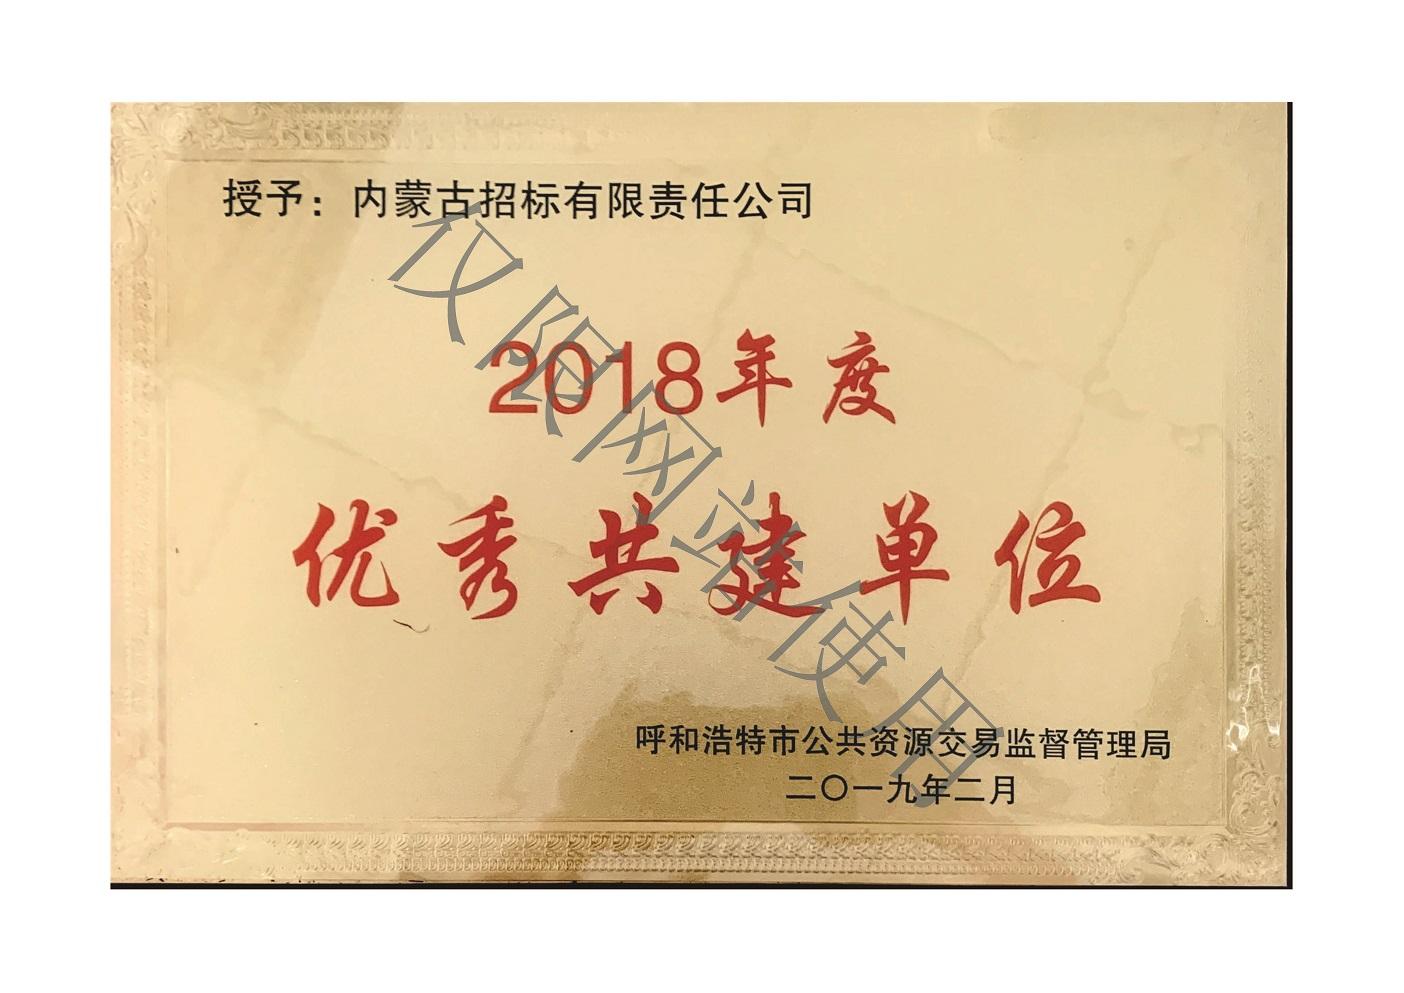 2018年度 优秀共建单位